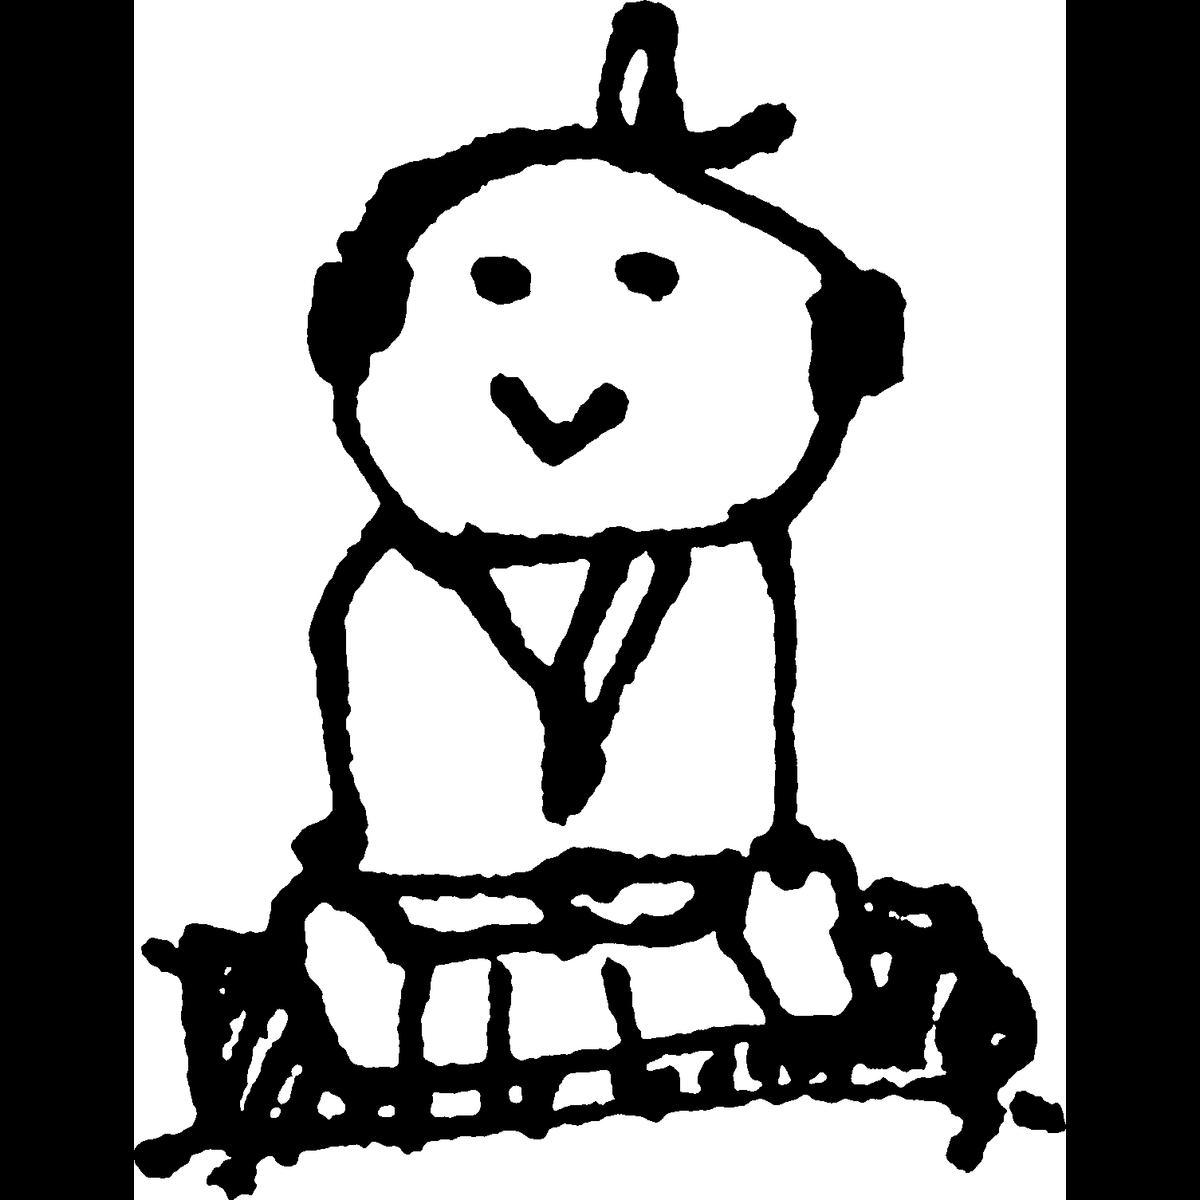 侍 正座するのイラスト Samurai Sit upright Illust